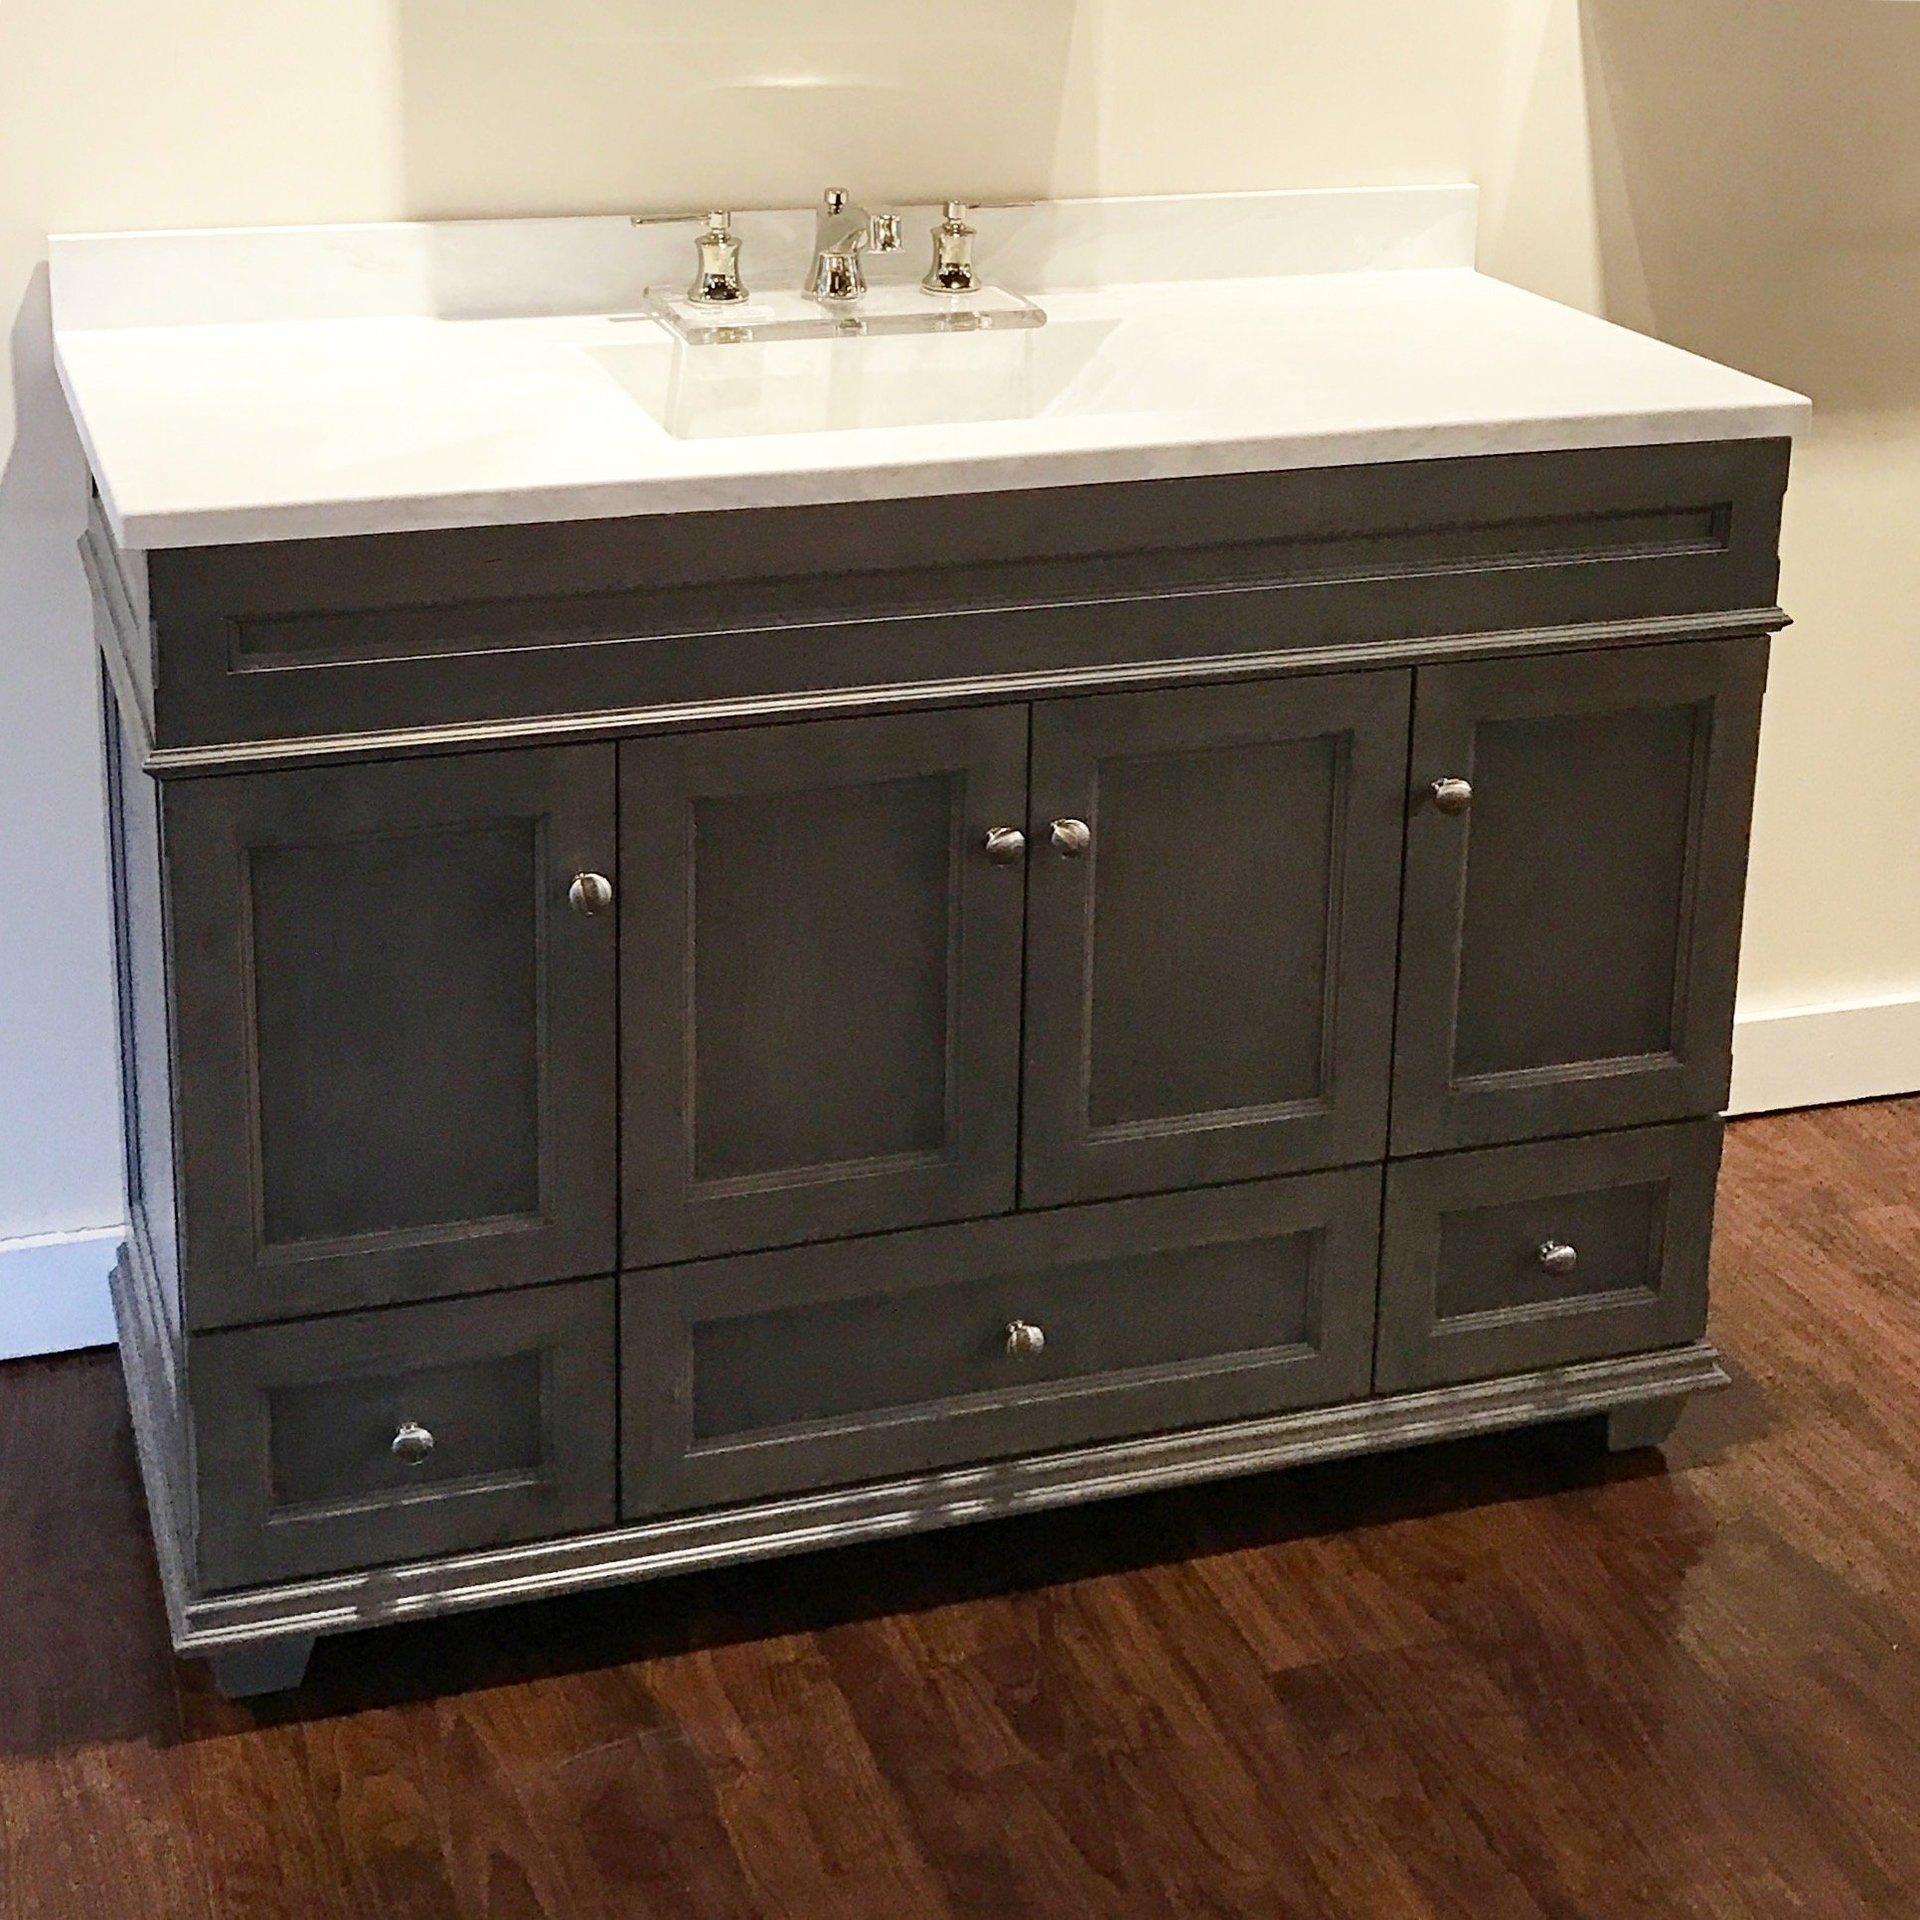 Bathroom Vanities Jericho Turnpike bathroom vanities | melville, woodbury & syosset, ny